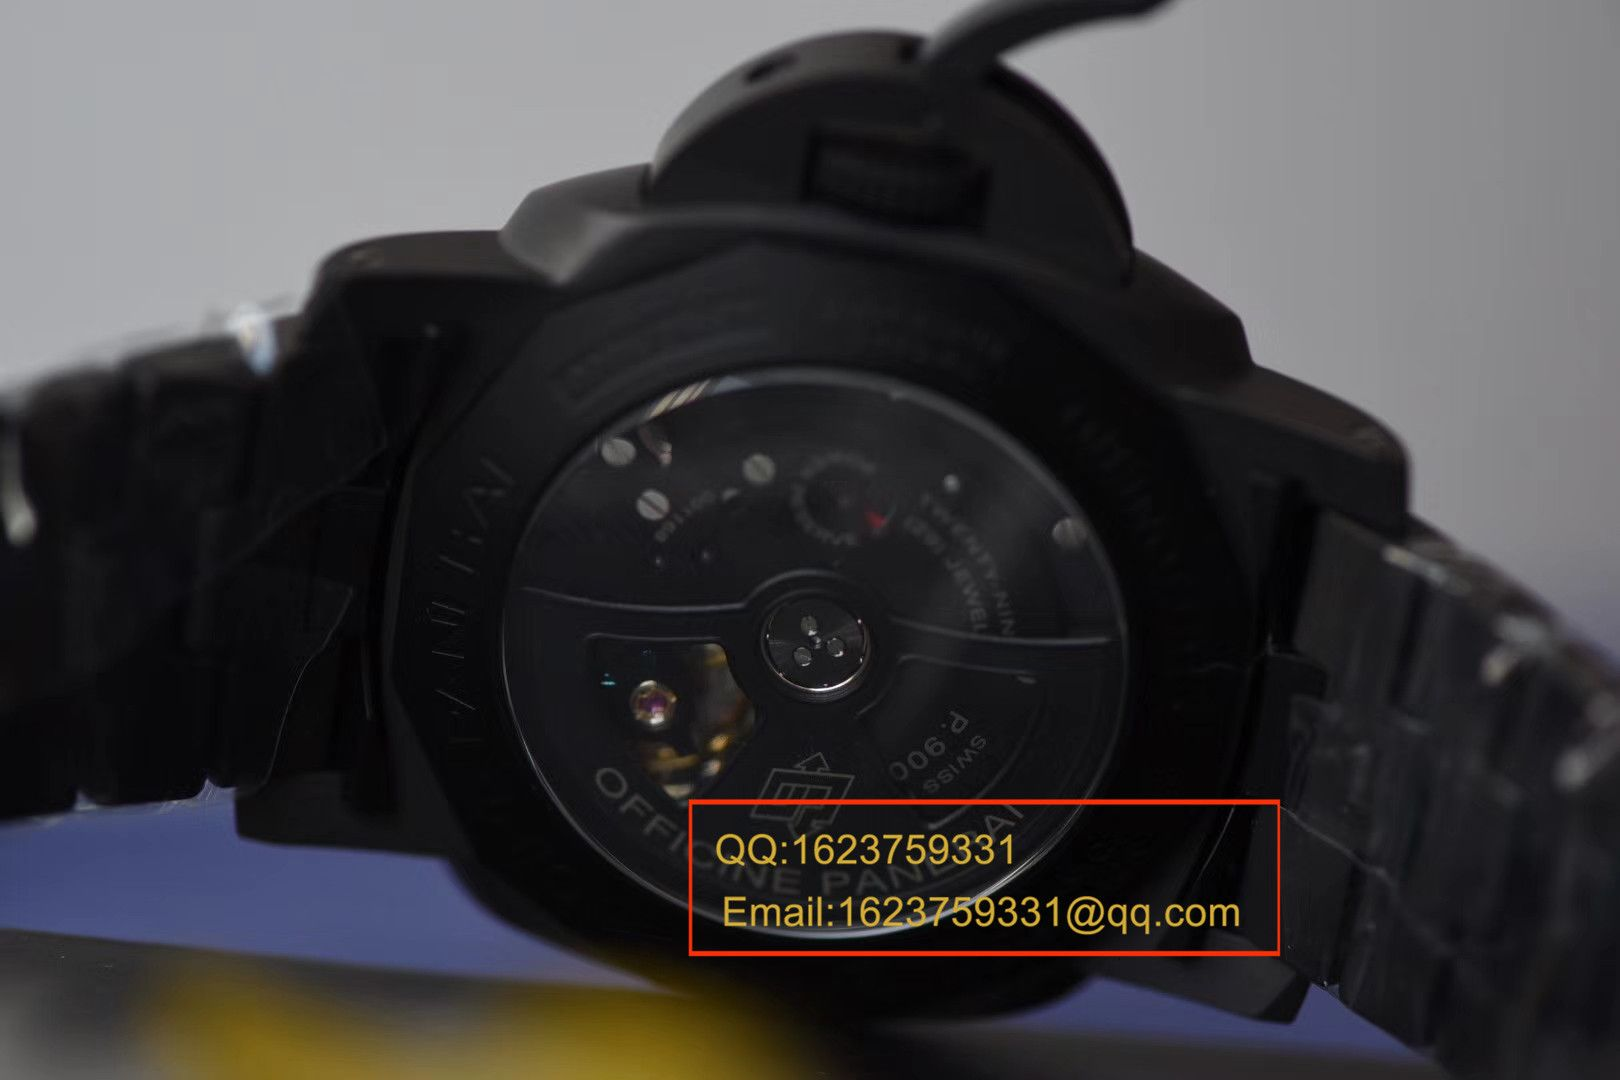 【视频评测VS厂一比一超A高仿手表】沛纳海LUMINOR 1950系列PAM00438全陶瓷腕表 / VSBFPAM00438